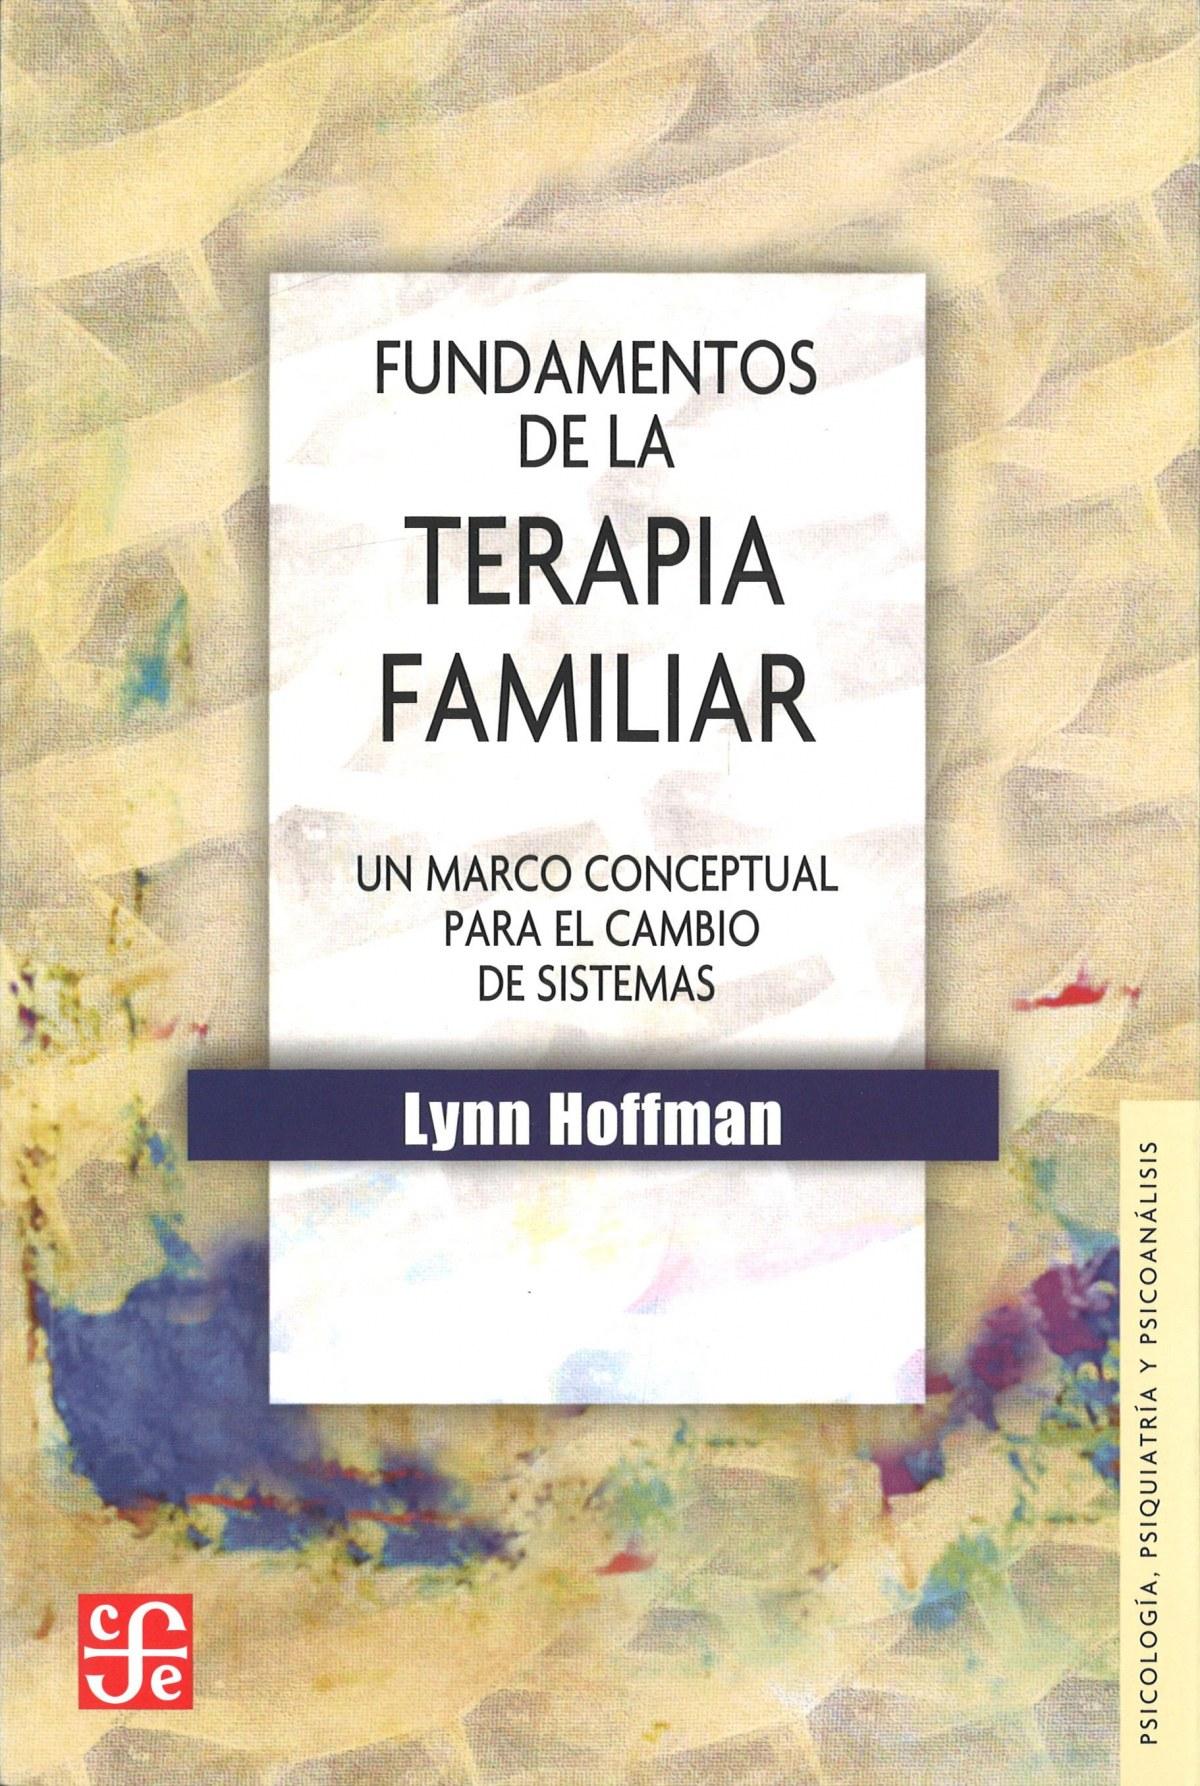 Fundamentos de la terapia familiar : Un marco conceptual para el cambio de sistemas